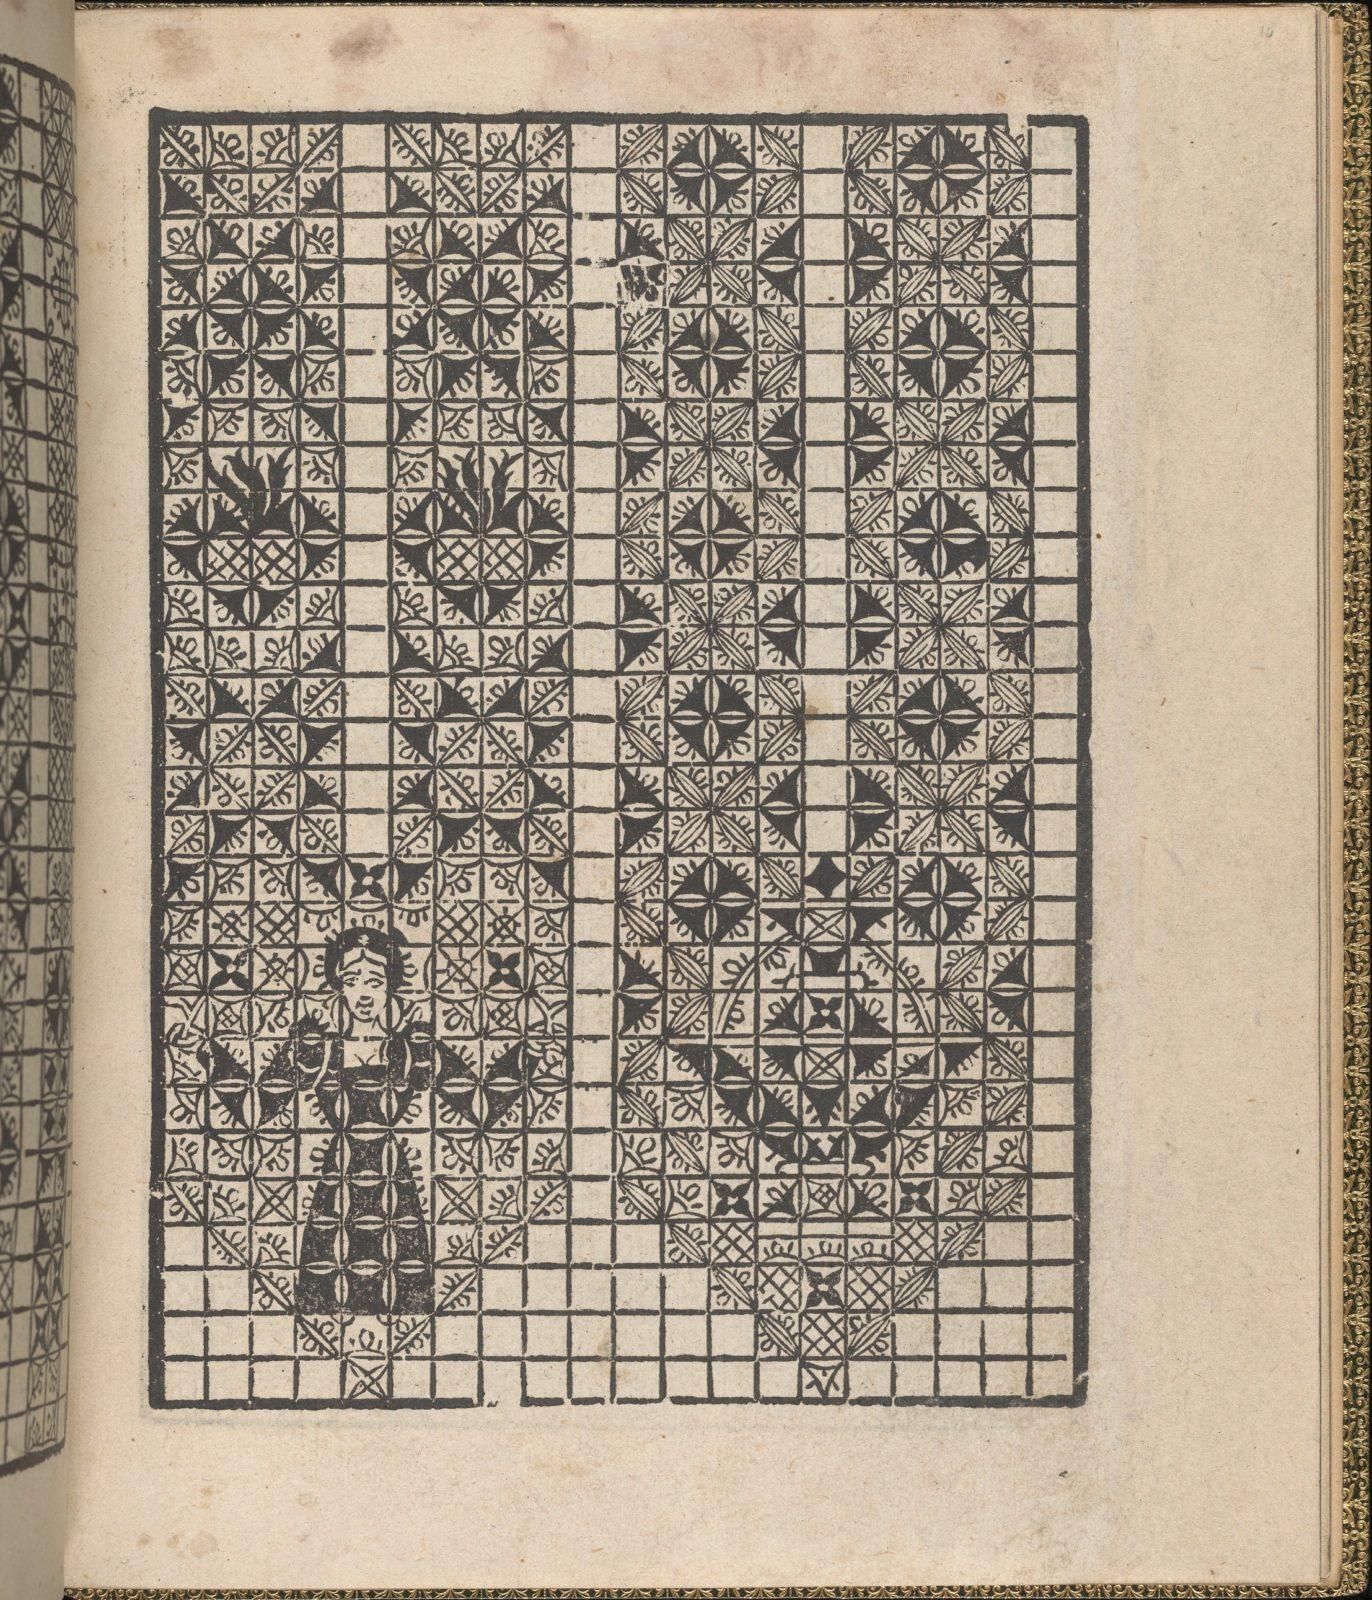 Giardineto novo di punti tagliati et gropposi per exercitio & ornamento delle donne (Venice 1554), page 16 (recto)